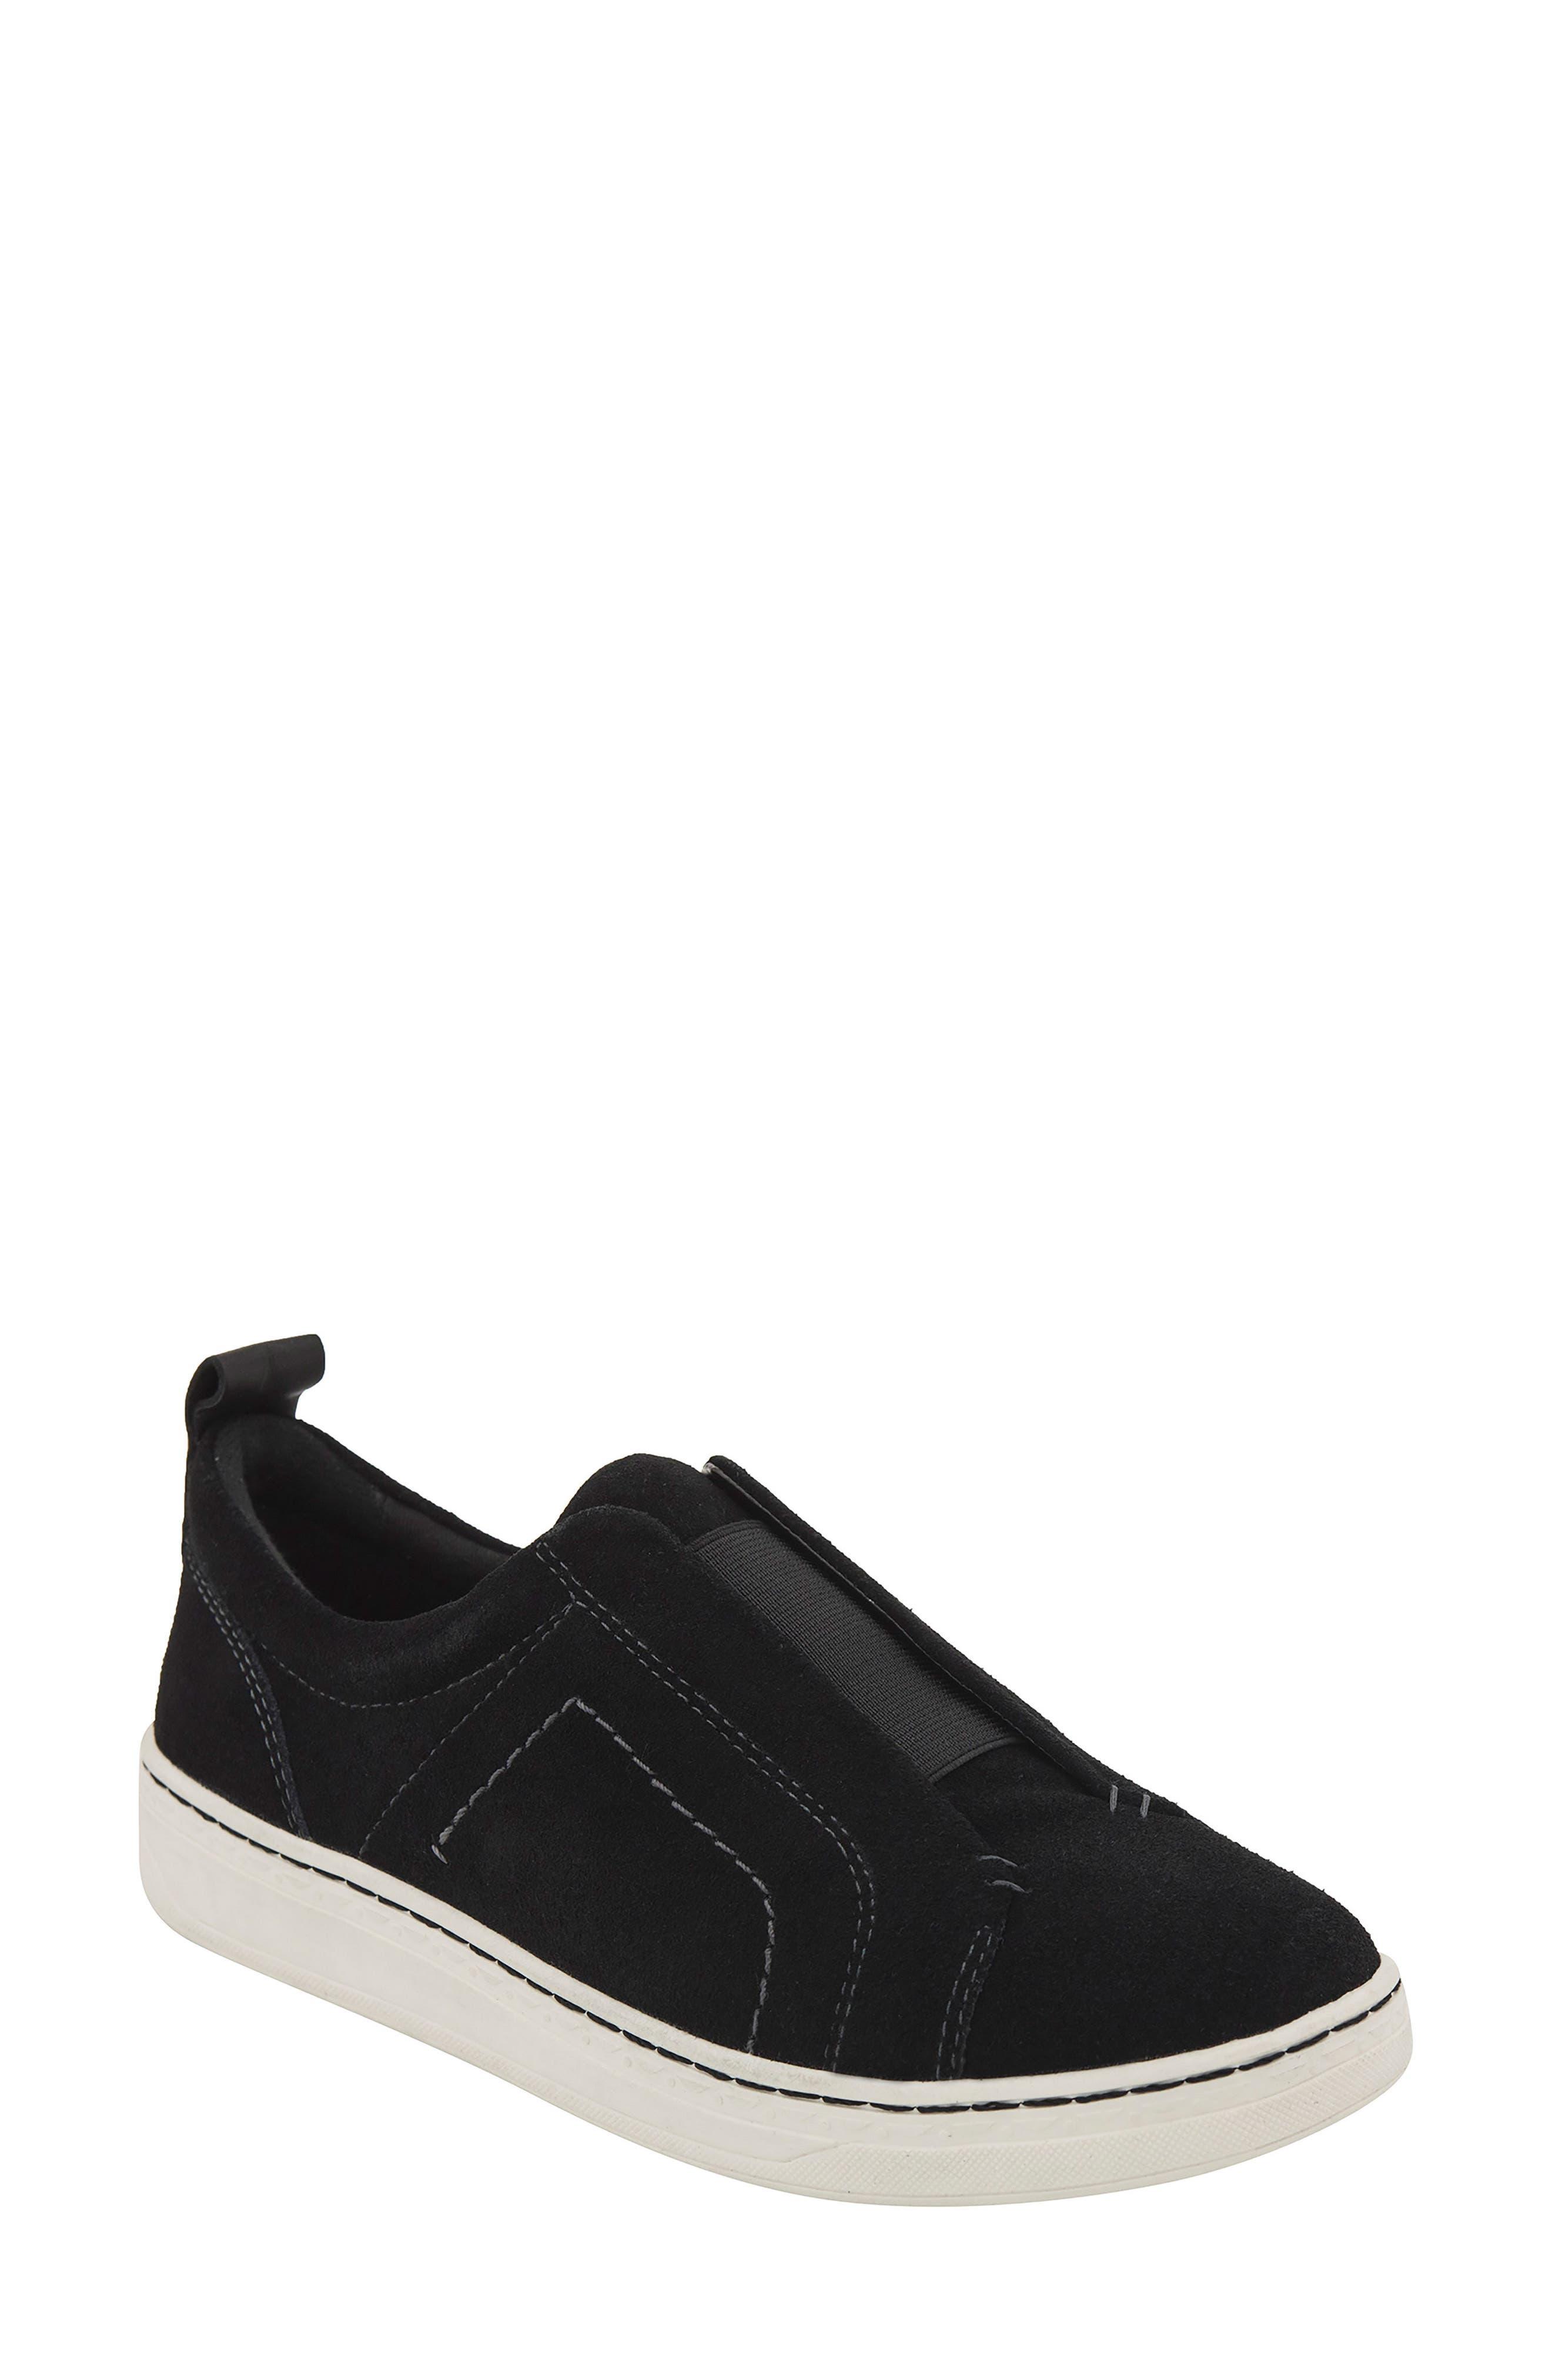 Zetta Slip-On Sneaker,                         Main,                         color, 003